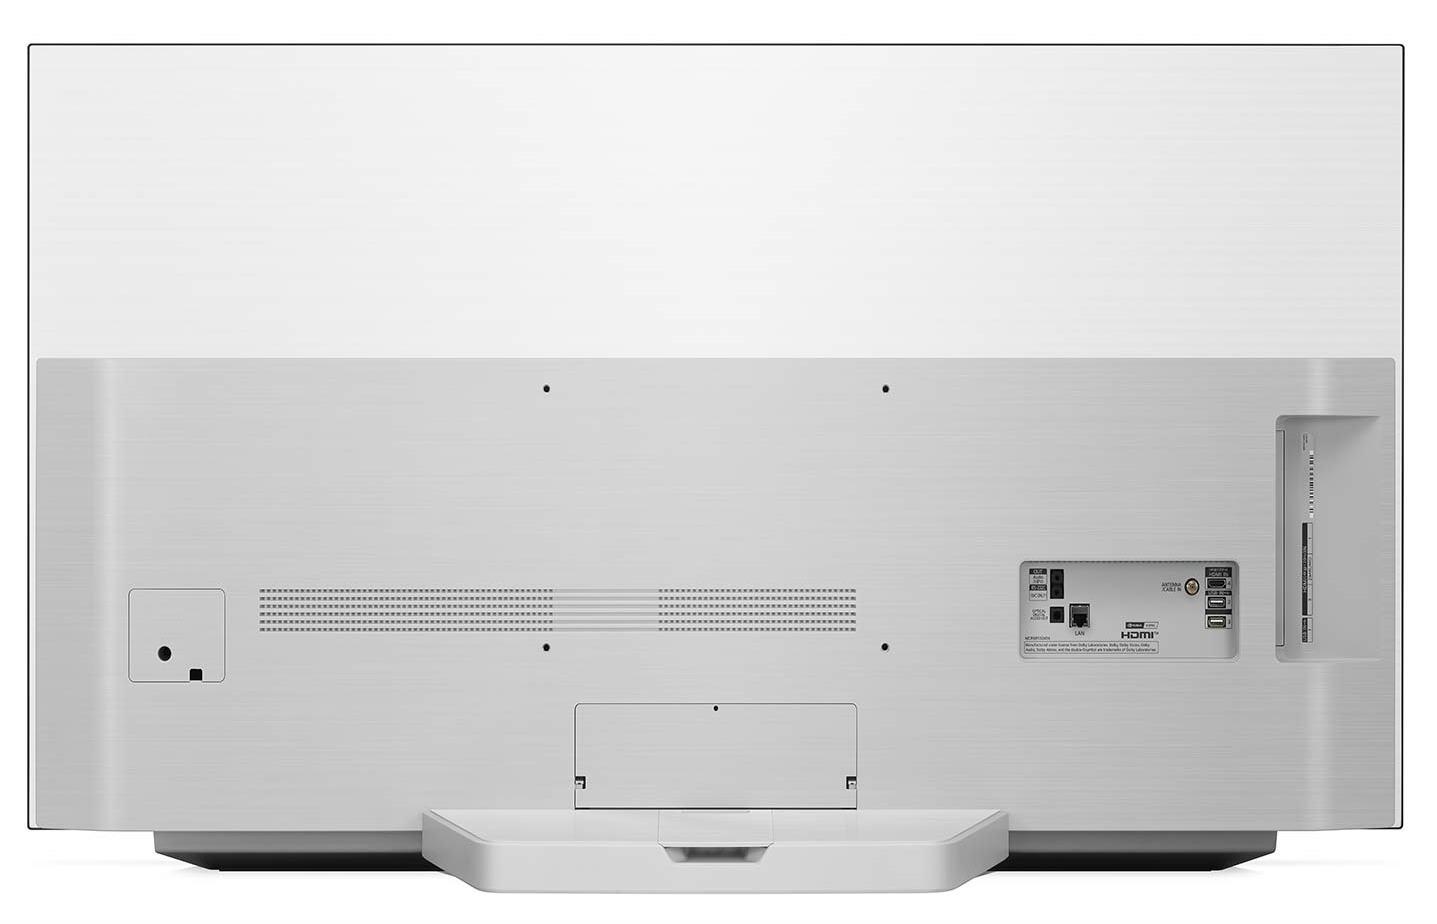 טלוויזיה 65 אינץ' דגם OLED 65C1PVA בטכנולוגיית LG OLED 4K Ultra HD אל ג'י - תמונה 8